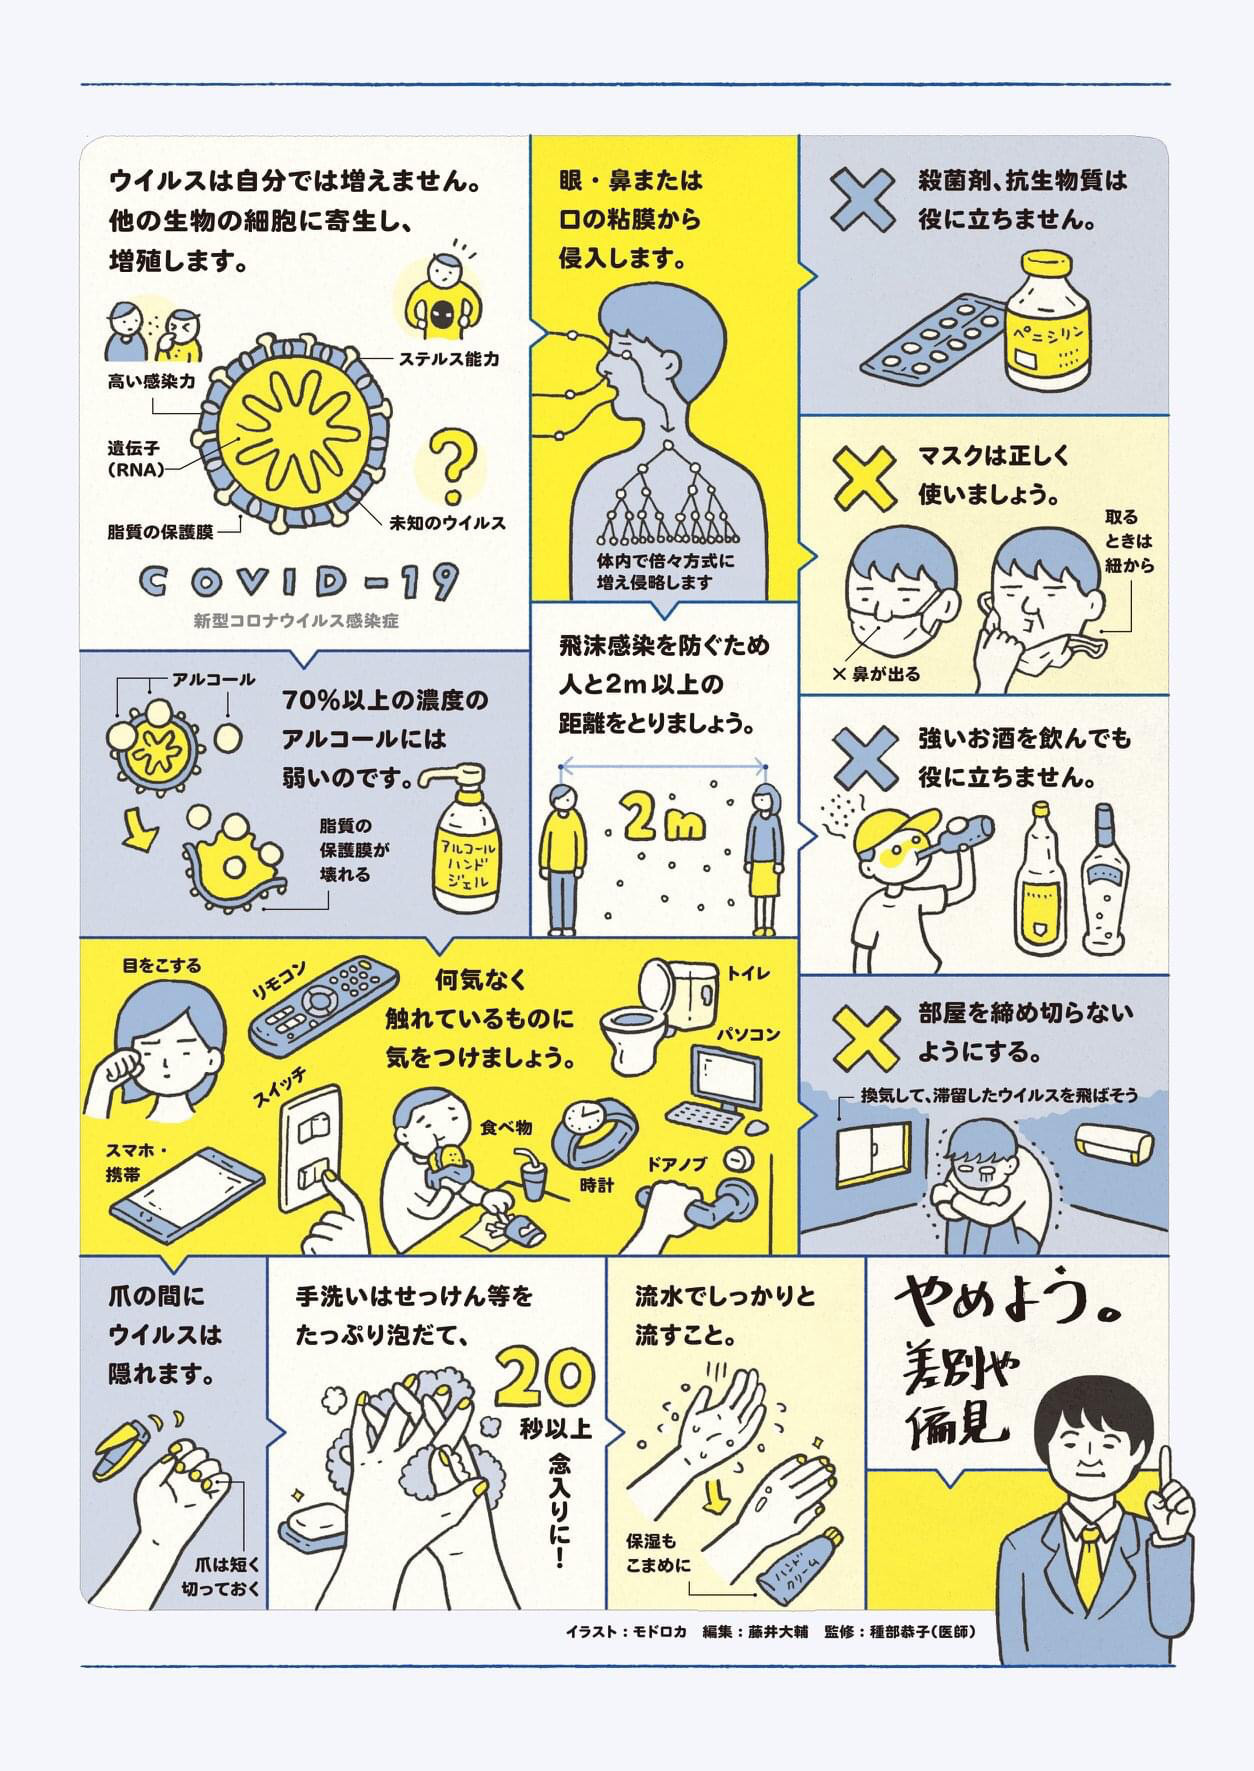 新型コロナウイルスポスターのご紹介 part.2